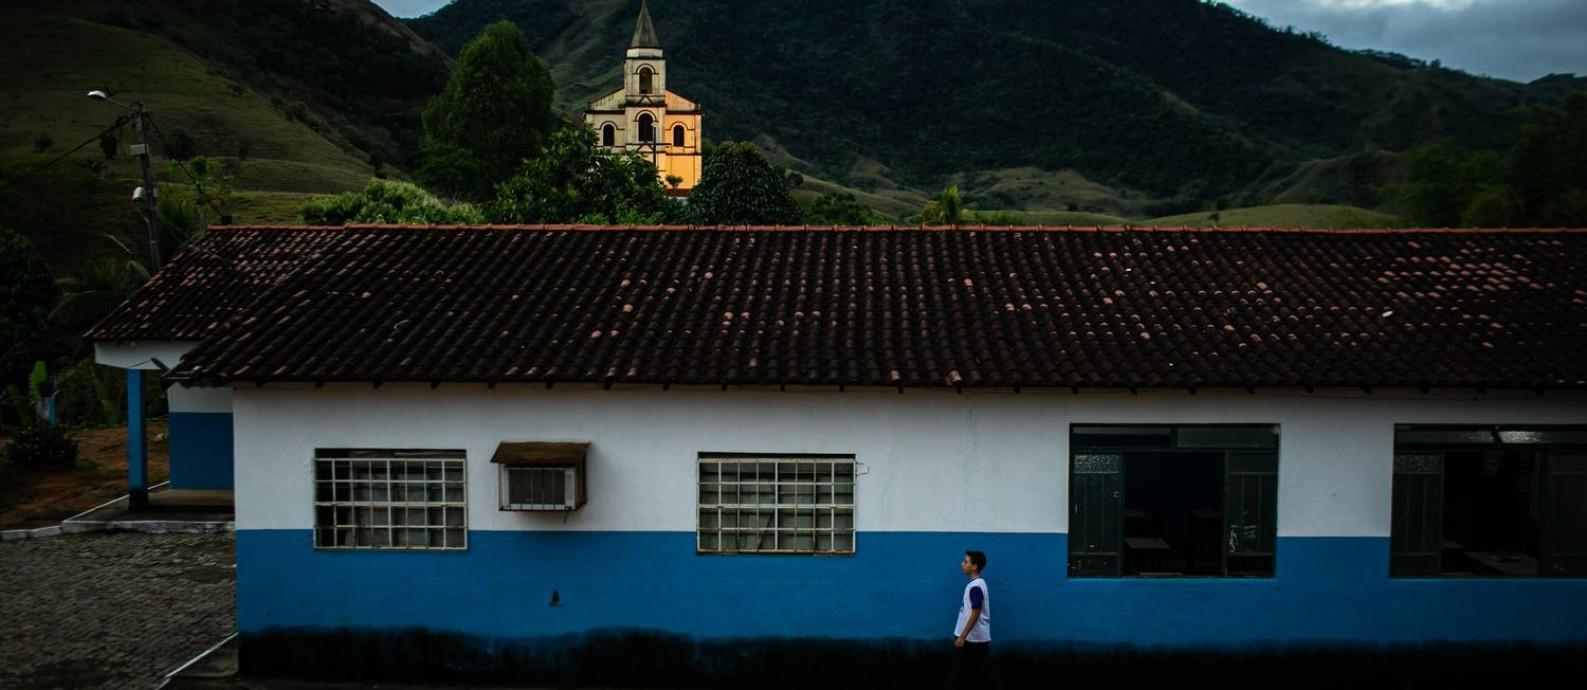 O aluno Julio Cezar Teixeira, de 14 anos, na Escola Creche Municipal João Rodrigues França, em Natividade Foto: Hermes de Paula / Agencia O Glob / Agência O Globo